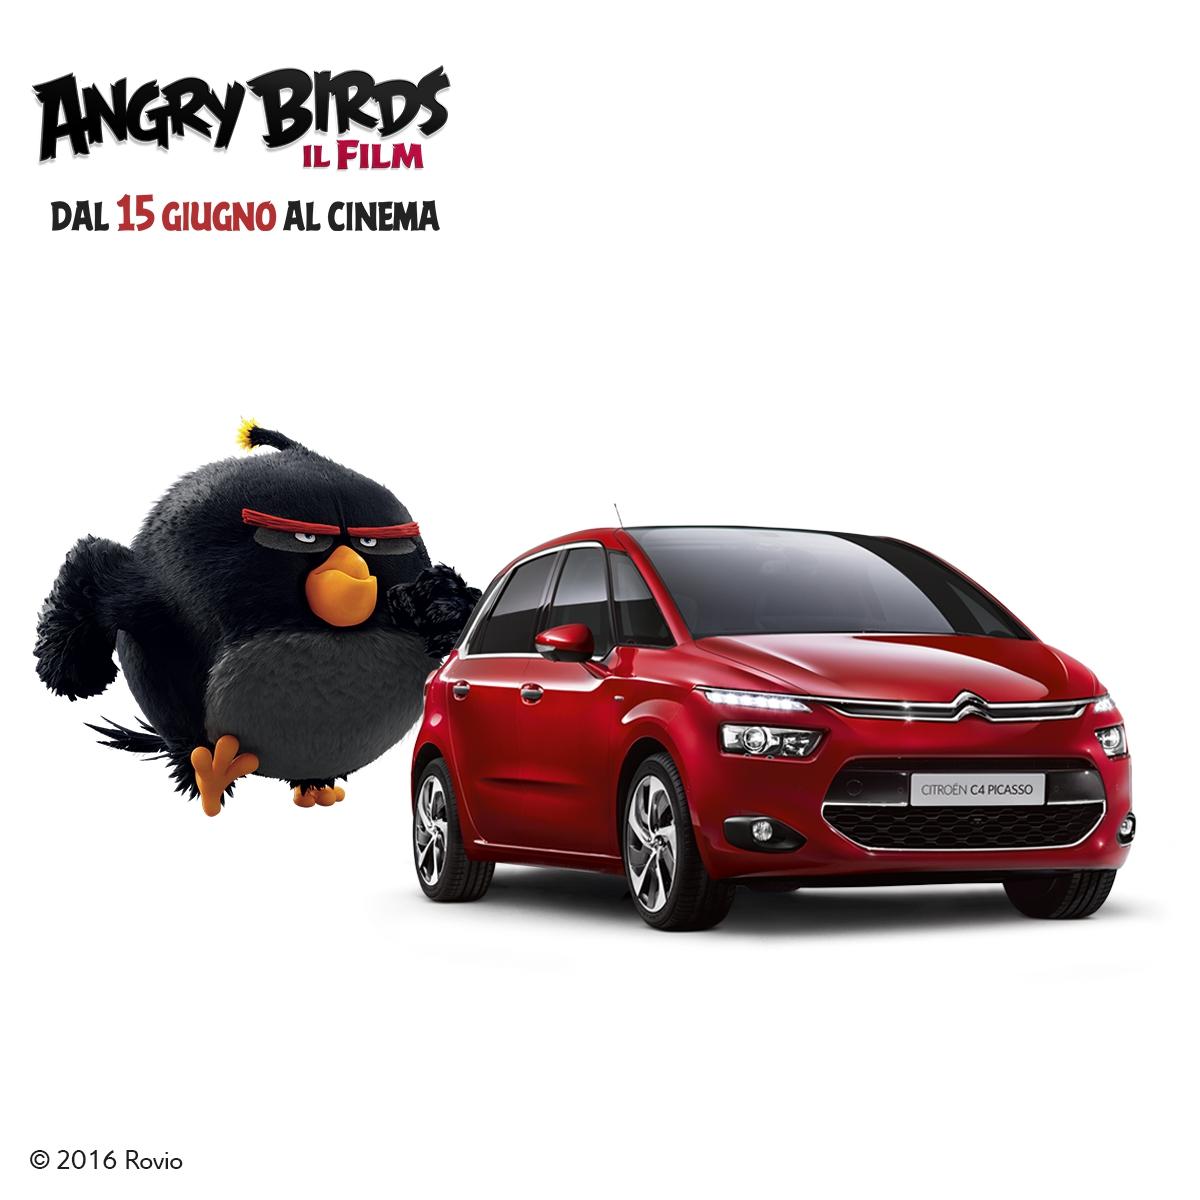 Gli Angry Birds arrivano in Citroën